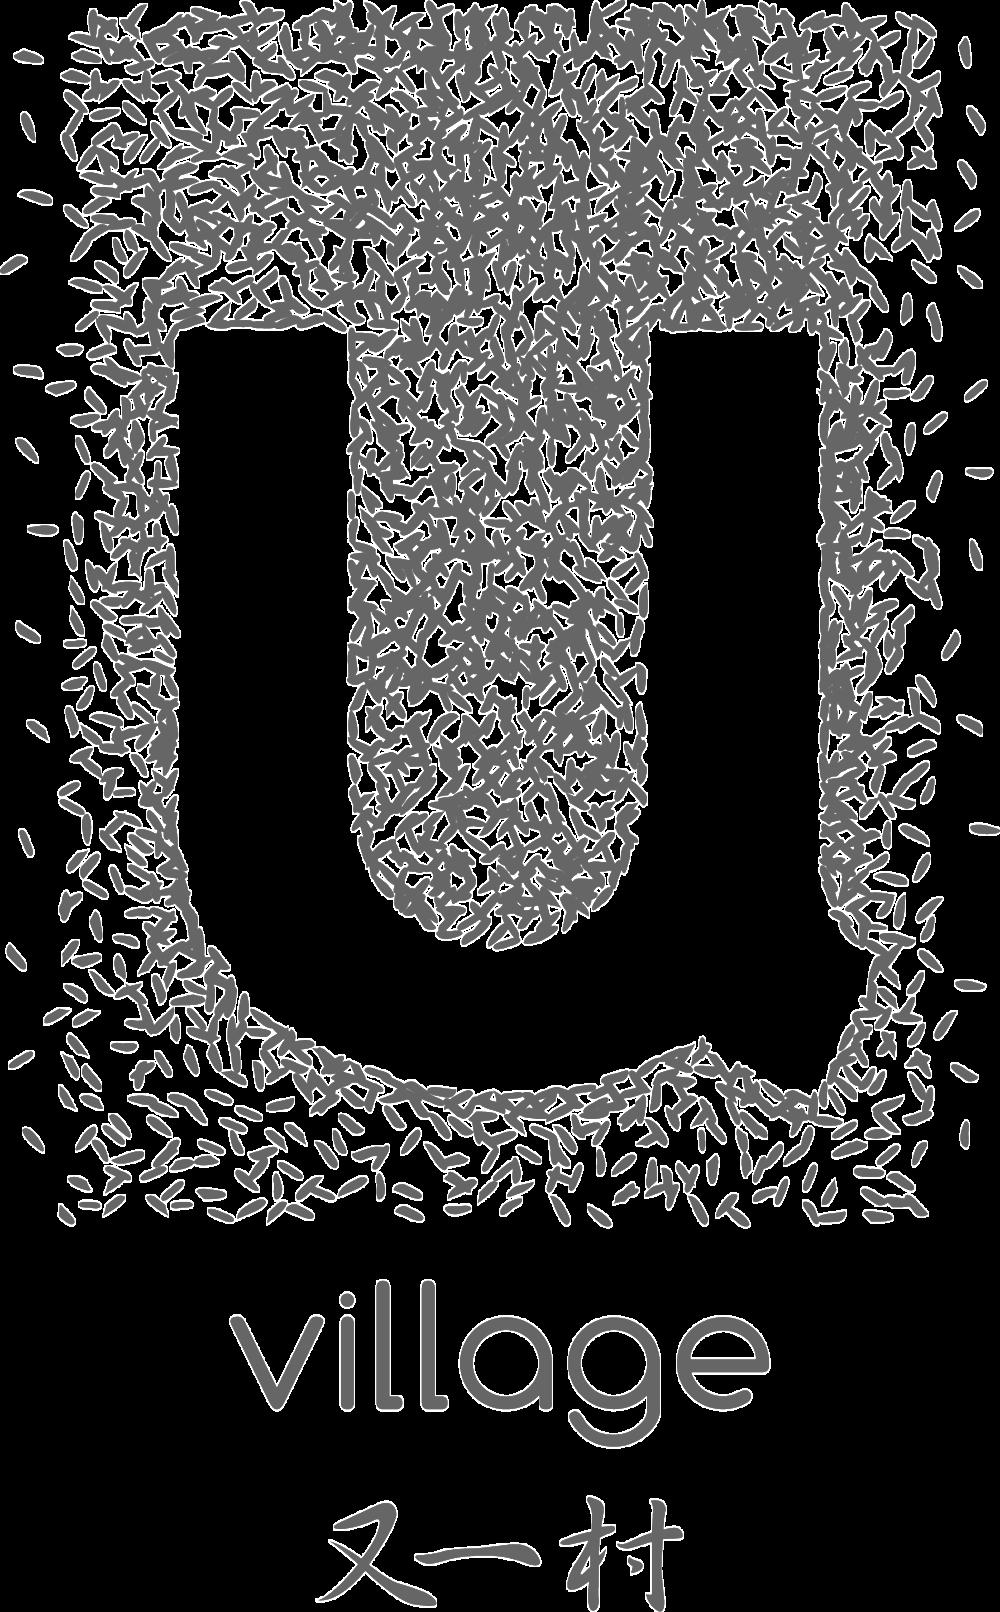 U-Village